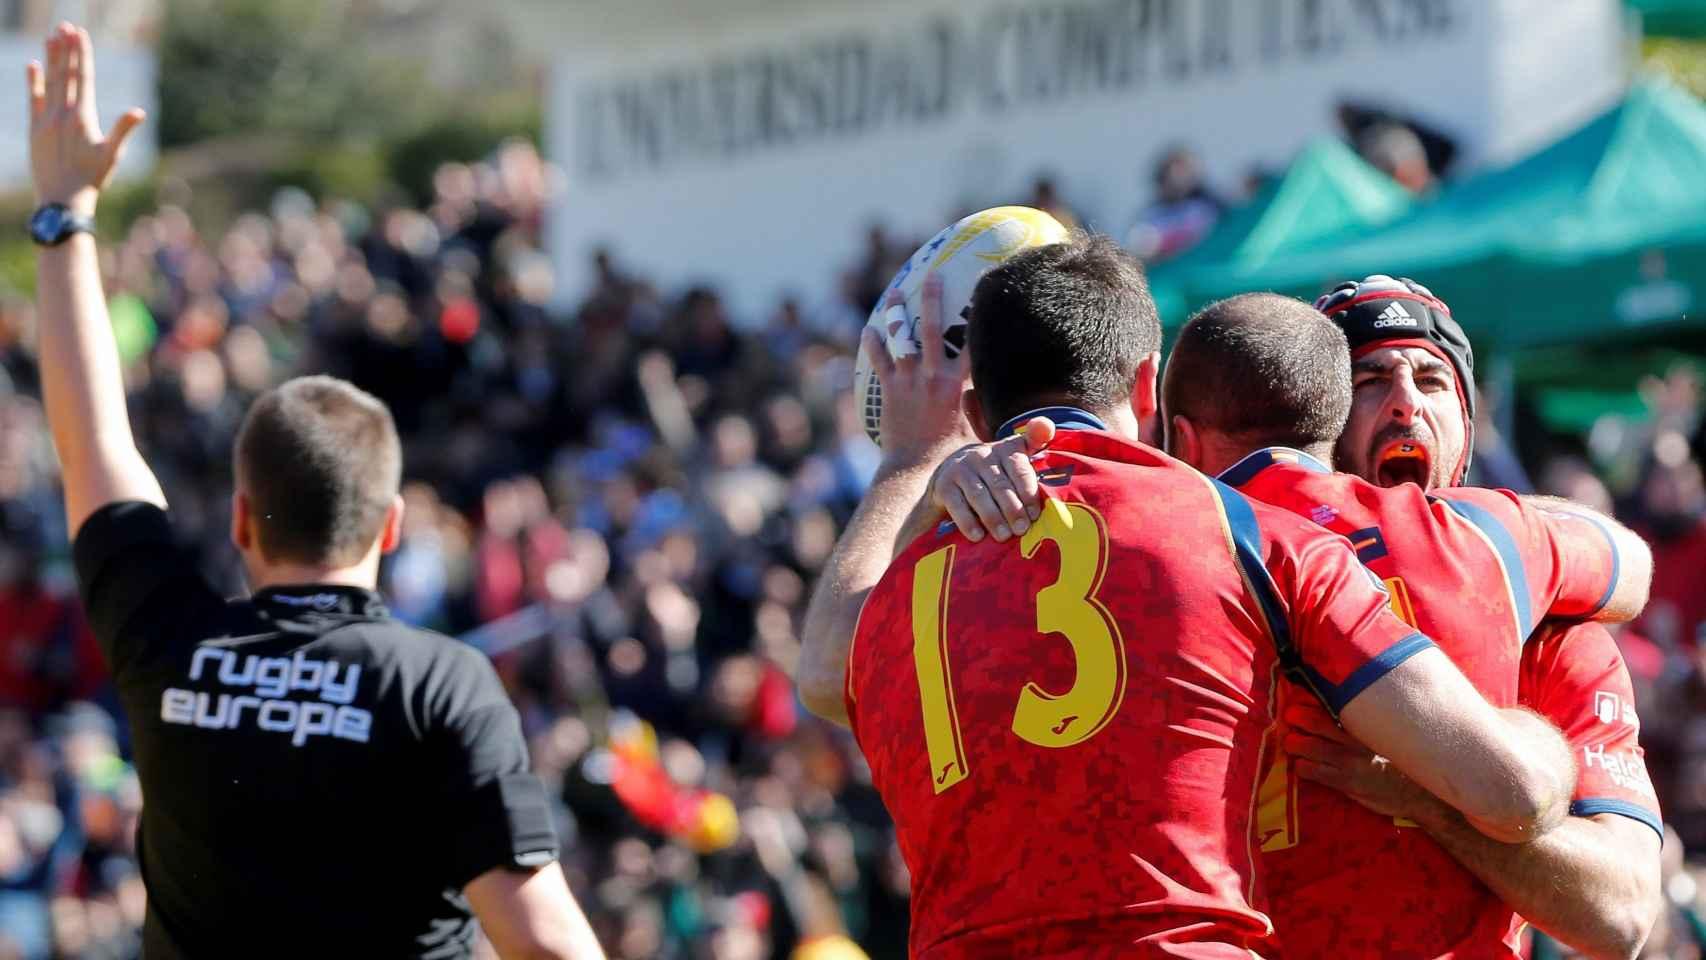 España consiguió ante Rumanía una victoria fundamental  para acceder al Mundial de Japón en 2019. / Efe